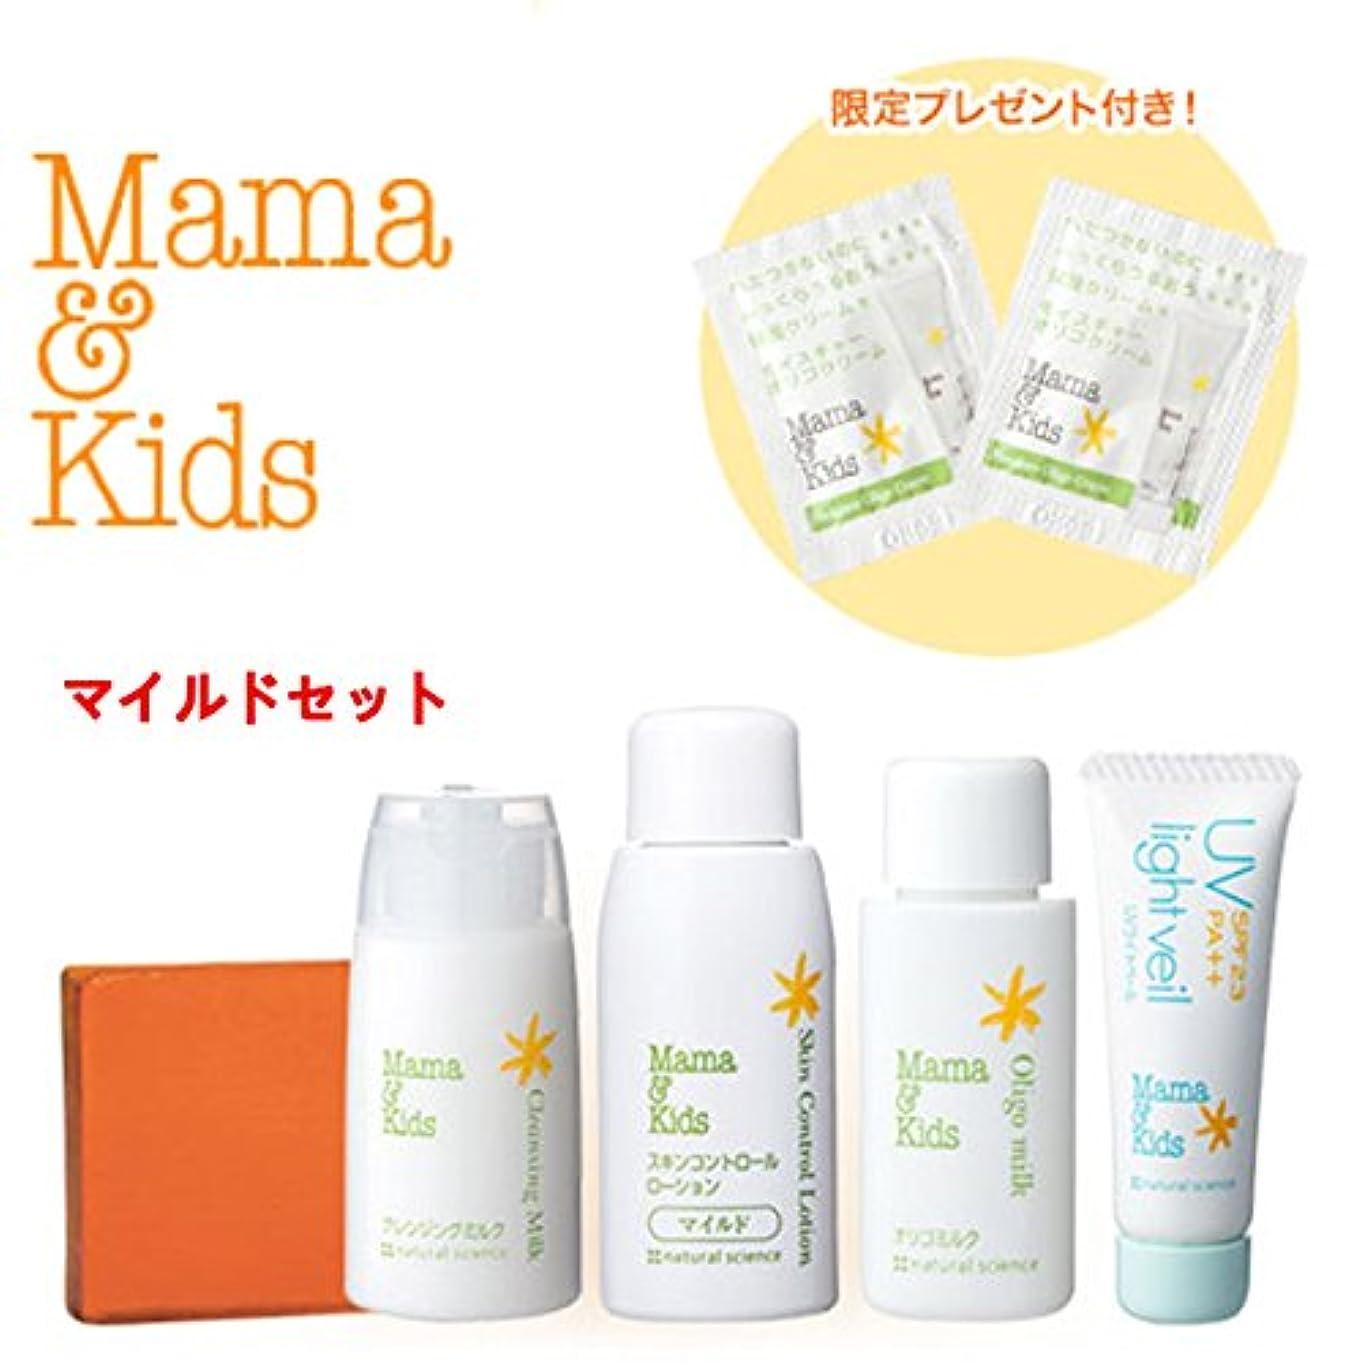 誤解一緒へこみママ&キッズぷるぷるお肌トライアルセット(マイルド)/Mama&Kids SkinCare Travel set/孕期基础护肤试用装普通保湿